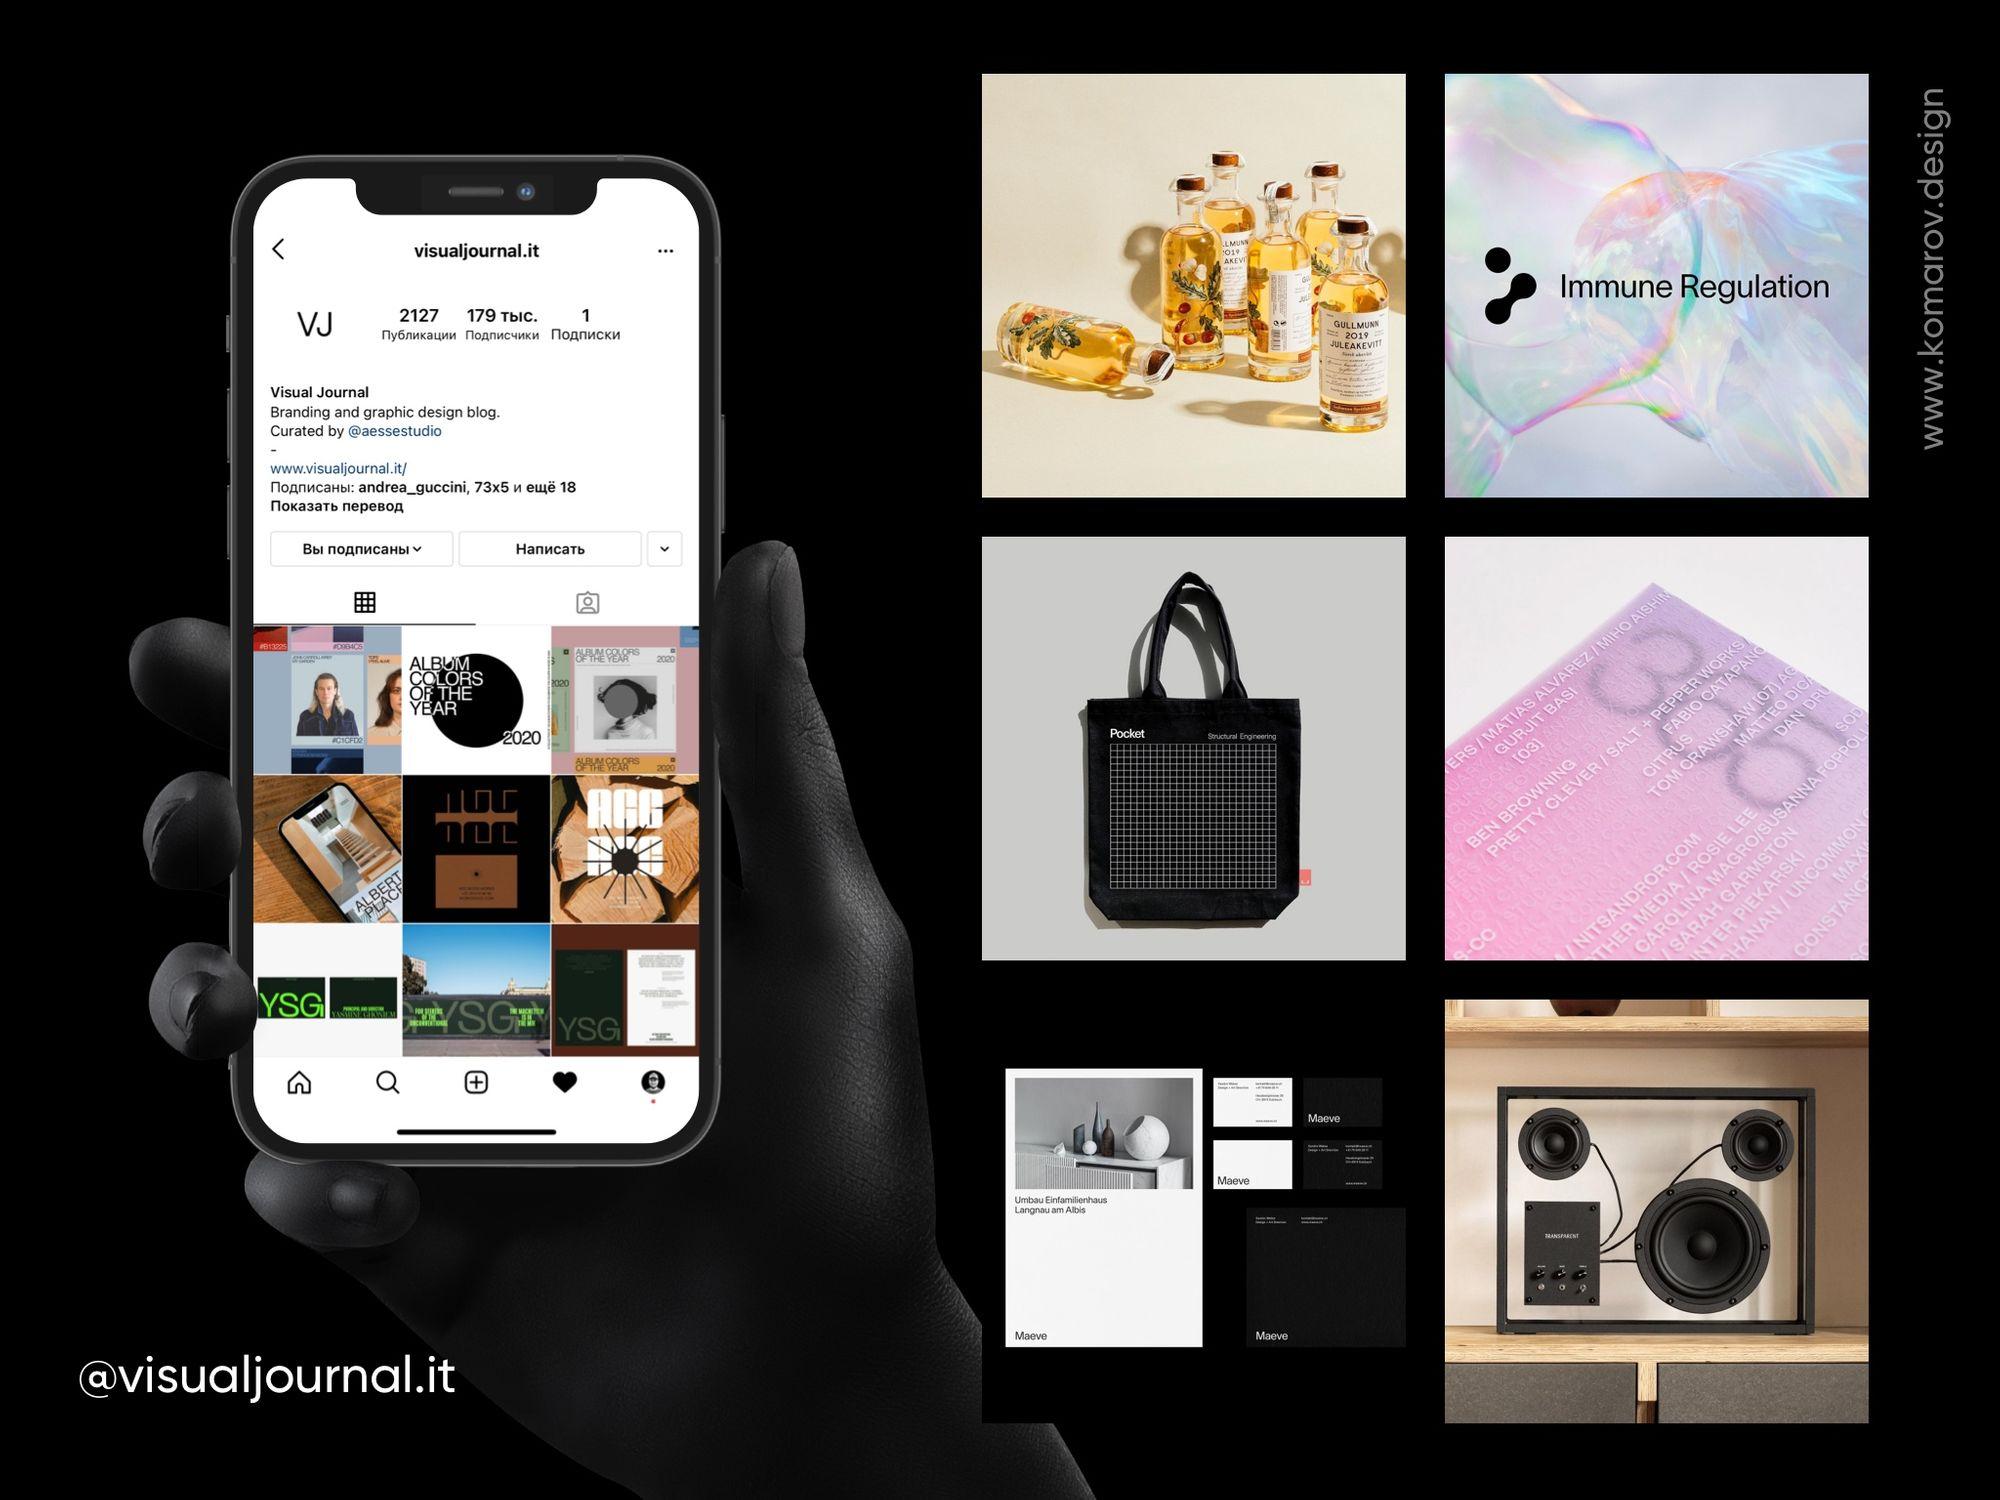 Инстаграм-аккаунт о брендинге и графическом дизайне